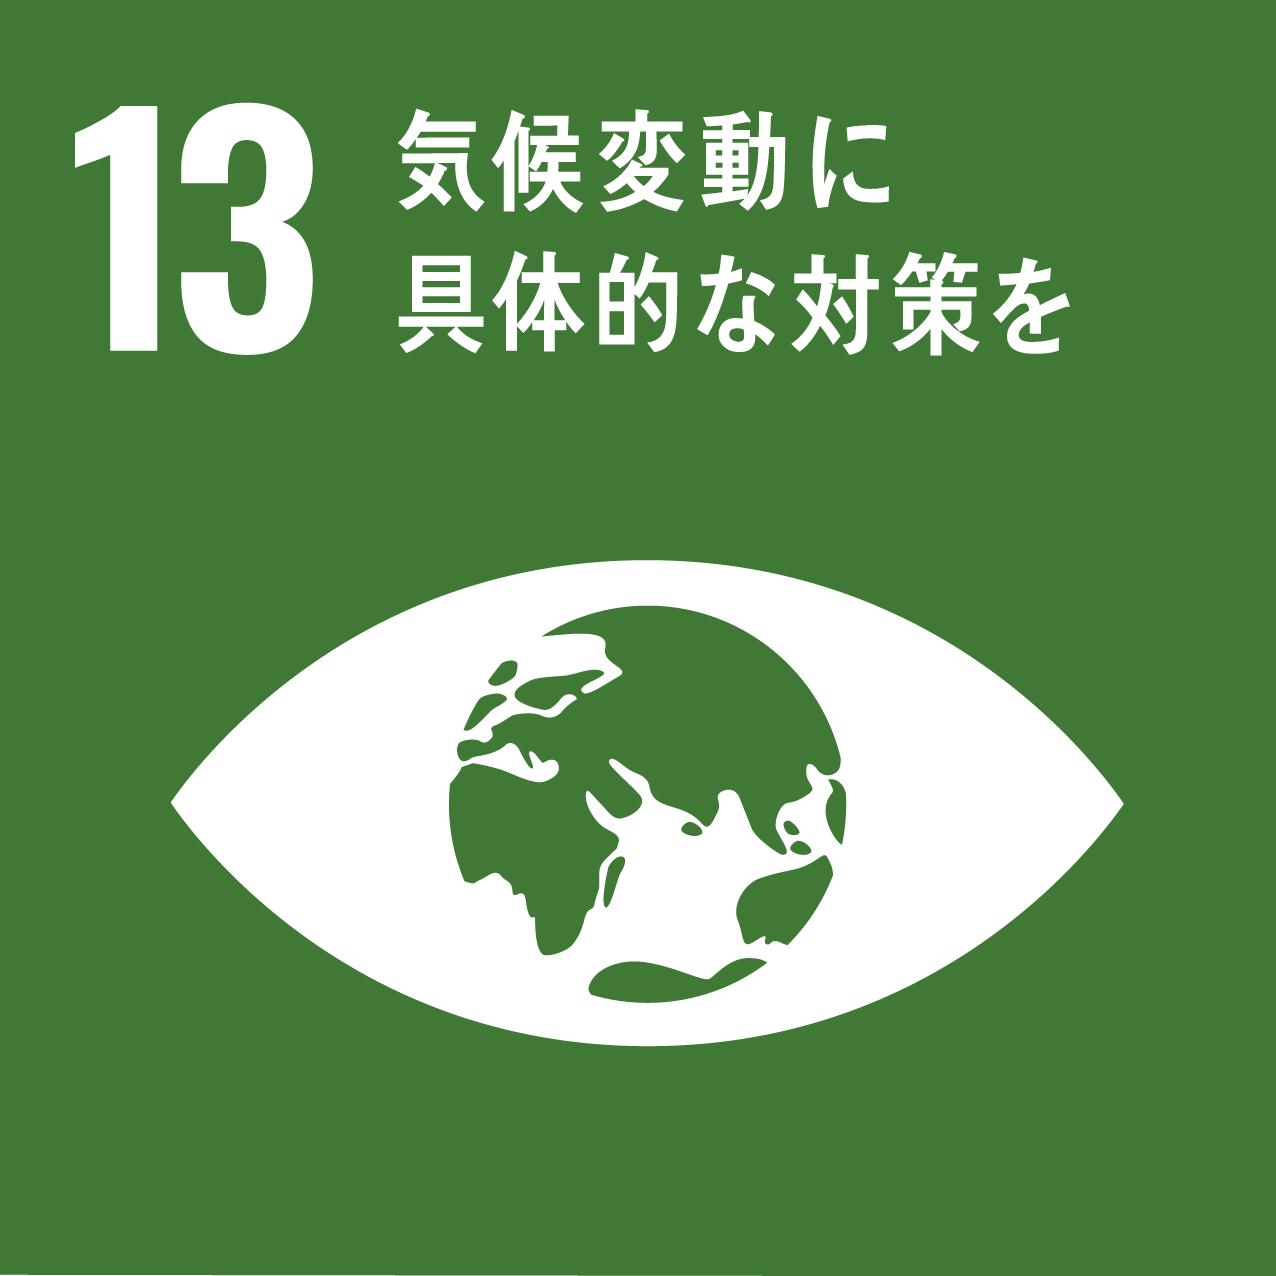 13 気候変動